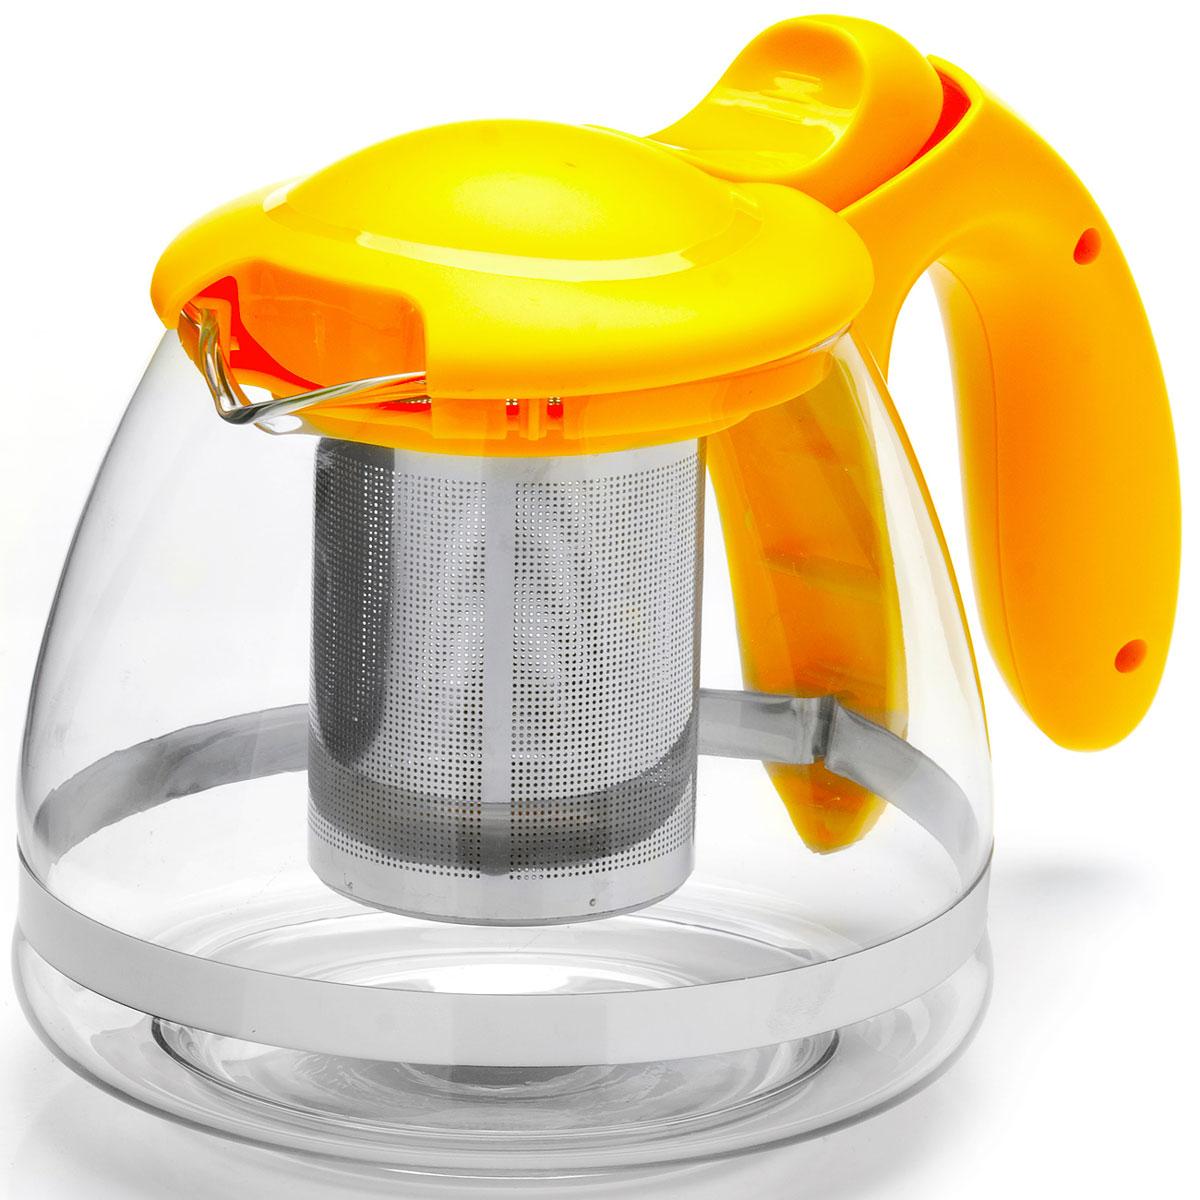 """Заварочный чайник """"Mayer & Boch"""" изготовлен из термостойкого боросиликатного стекла, крышка и фильтр выполнены из нержавеющей стали. Изделия из стекла не впитывают запахи, благодаря чему вы всегда получите натуральный, насыщенный вкус и аромат напитков.  Заварочный чайник из стекла удобно использовать для повседневного заваривания чая практически любого сорта. Но цветочные, фруктовые, красные и желтые сорта чая лучше других раскрывают свой вкус и аромат при заваривании именно в стеклянных чайниках, а также сохраняют все полезные ферменты и витамины, содержащиеся в чайных листах.  Стальной фильтр гарантирует прозрачность и чистоту напитка от чайных листьев, при этом сохранив букет и насыщенность чая. Прозрачные стенки чайника дают возможность насладиться насыщенным цветом заваренного чая.  Изящный заварочный чайник """"Mayer & Boch"""" будет прекрасно смотреться в любом интерьере. Подходит для мытья в посудомоечной машине."""